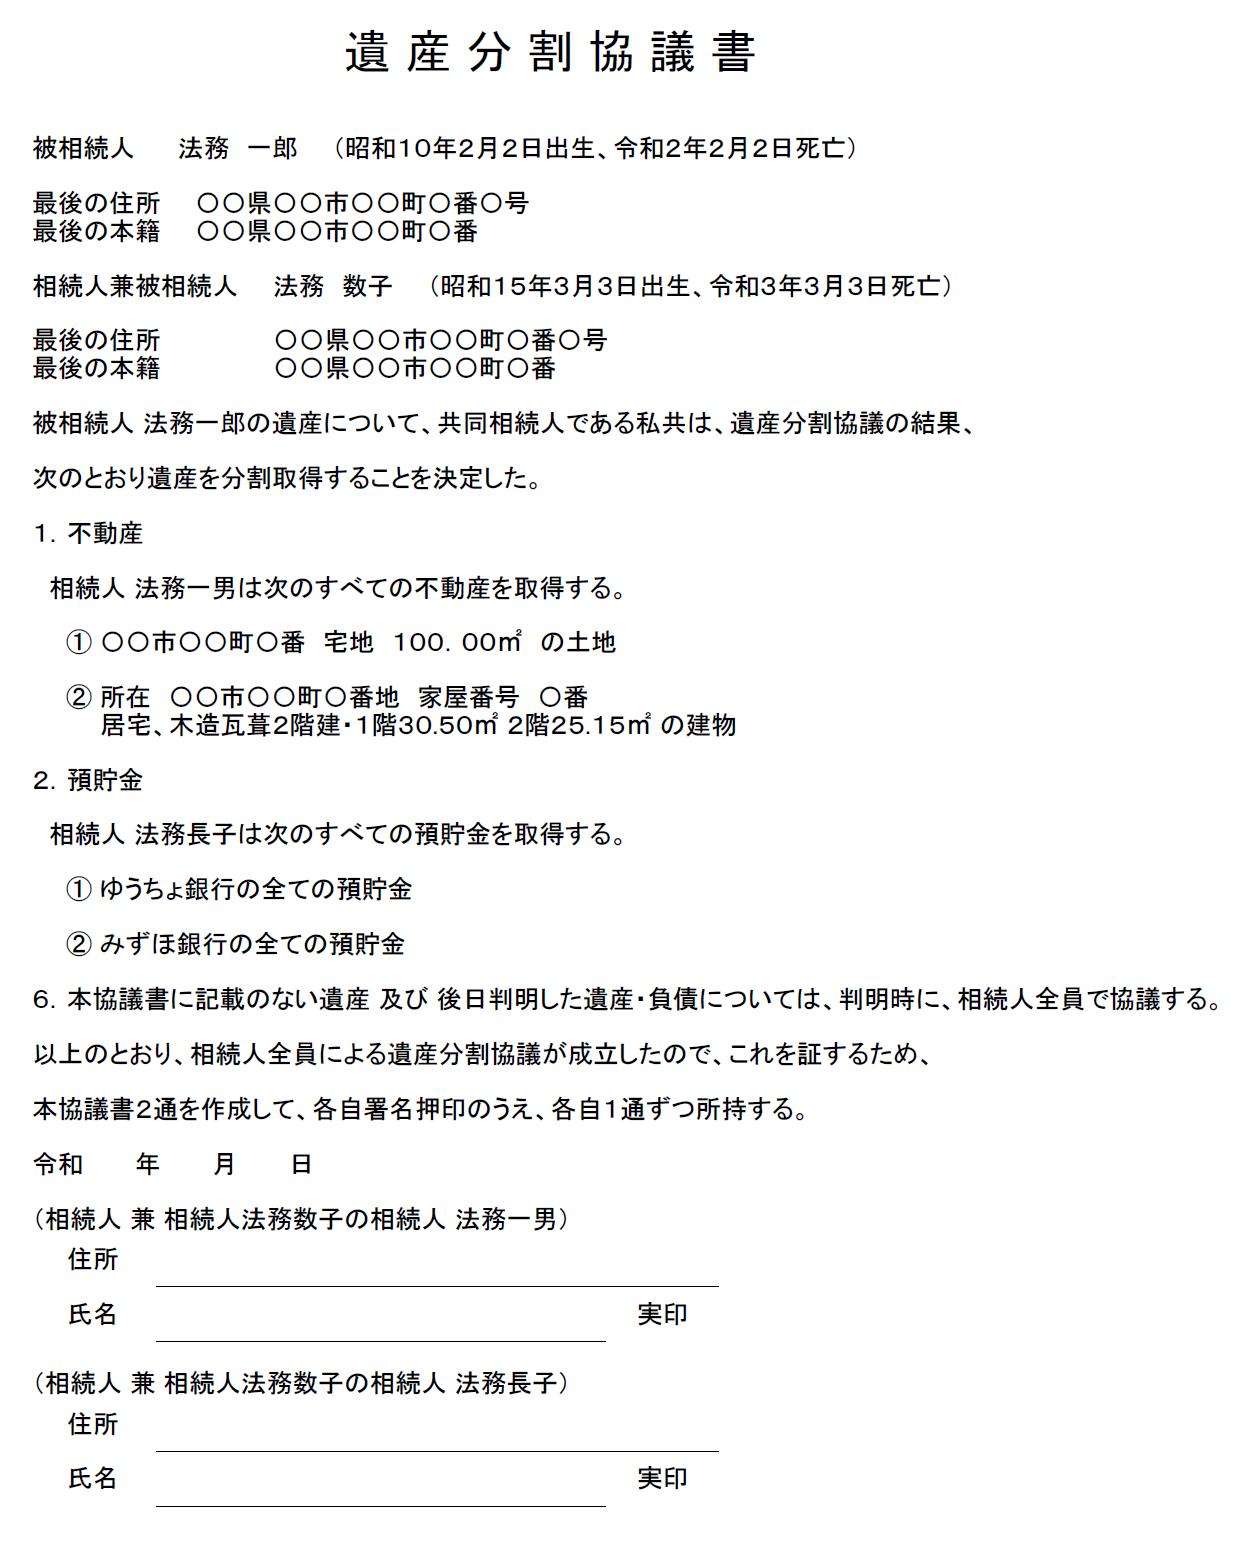 数次相続の場合の遺産分割協議書の例